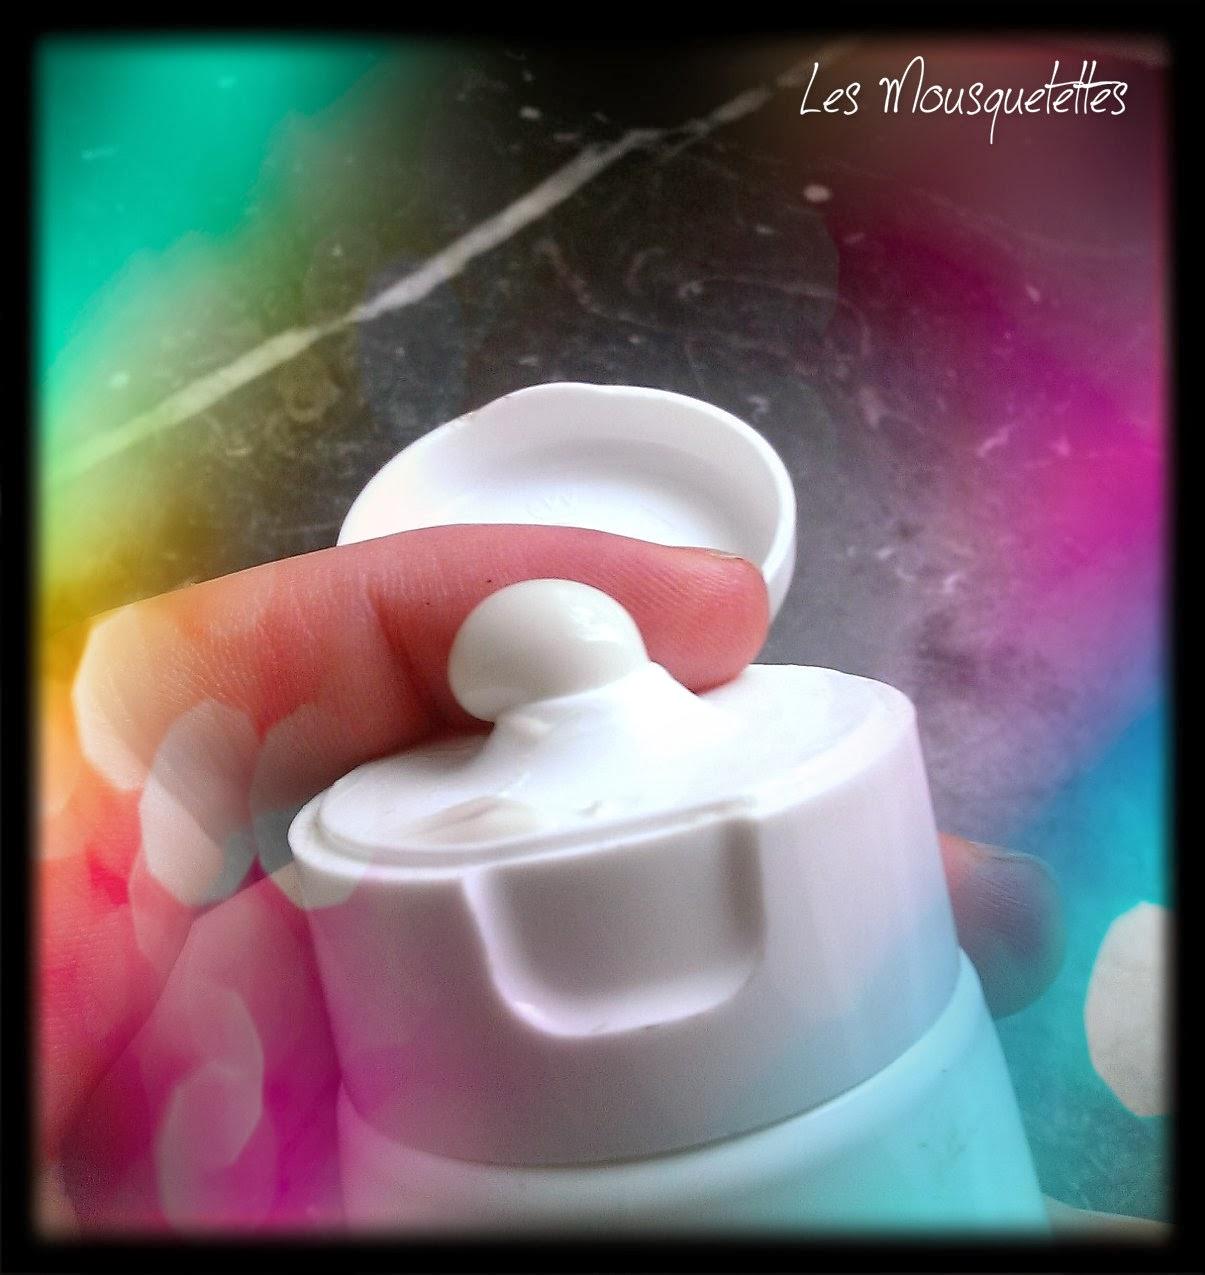 Texture masque crème Skintense Convenion Cosmetics - Les Mousquetettes©